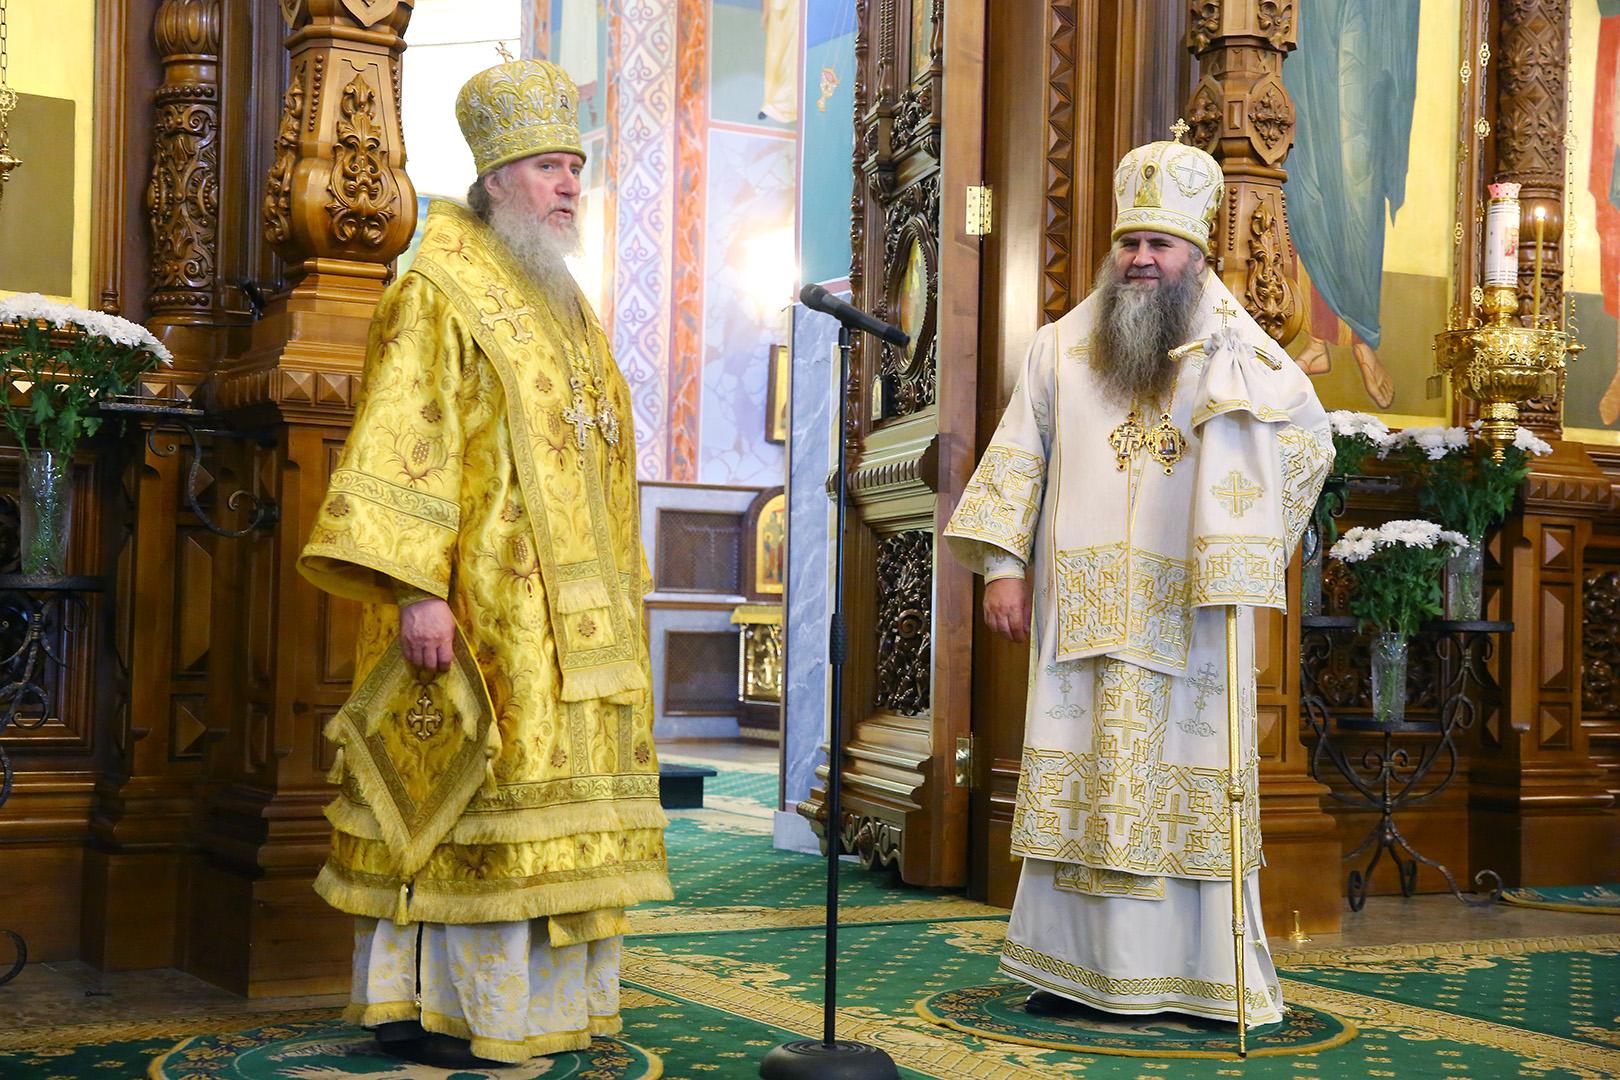 В день памяти святых первоверховных апостолов Петра и Павла ректор семинарии сослужил митрополиту Нижегородскому и Арзамасскому Георгию